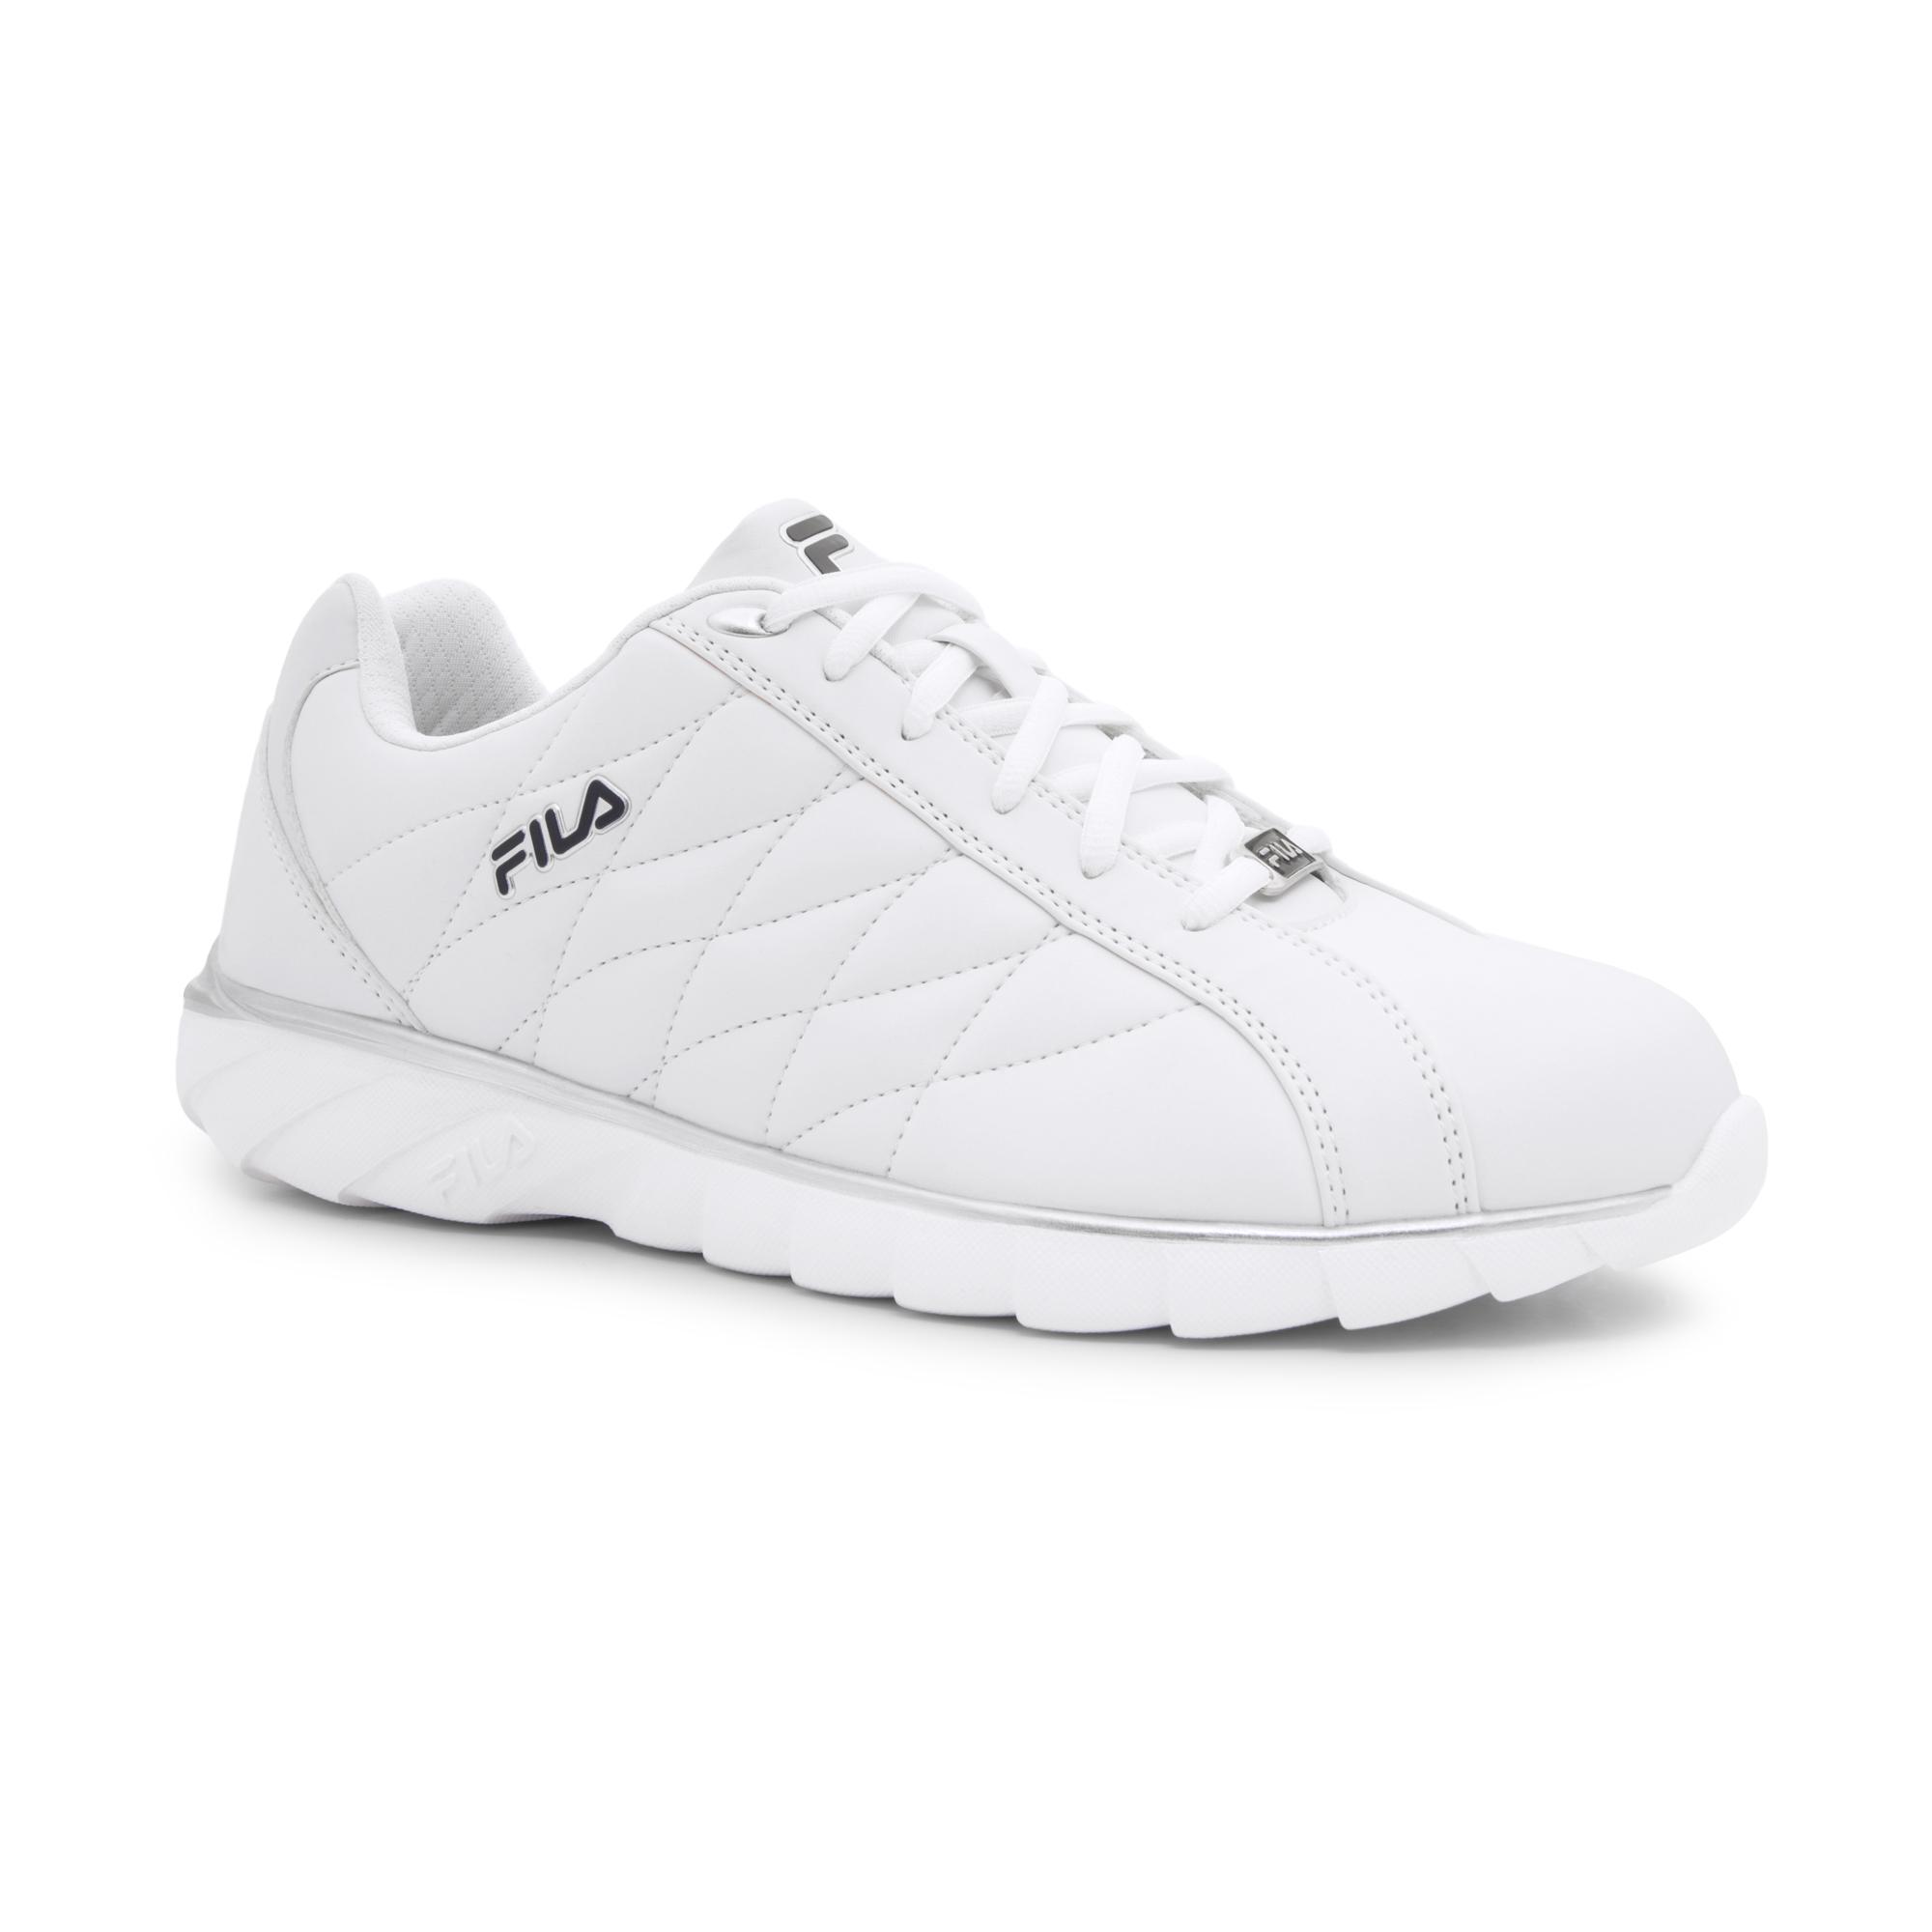 Mens Fila Shoes Ebay